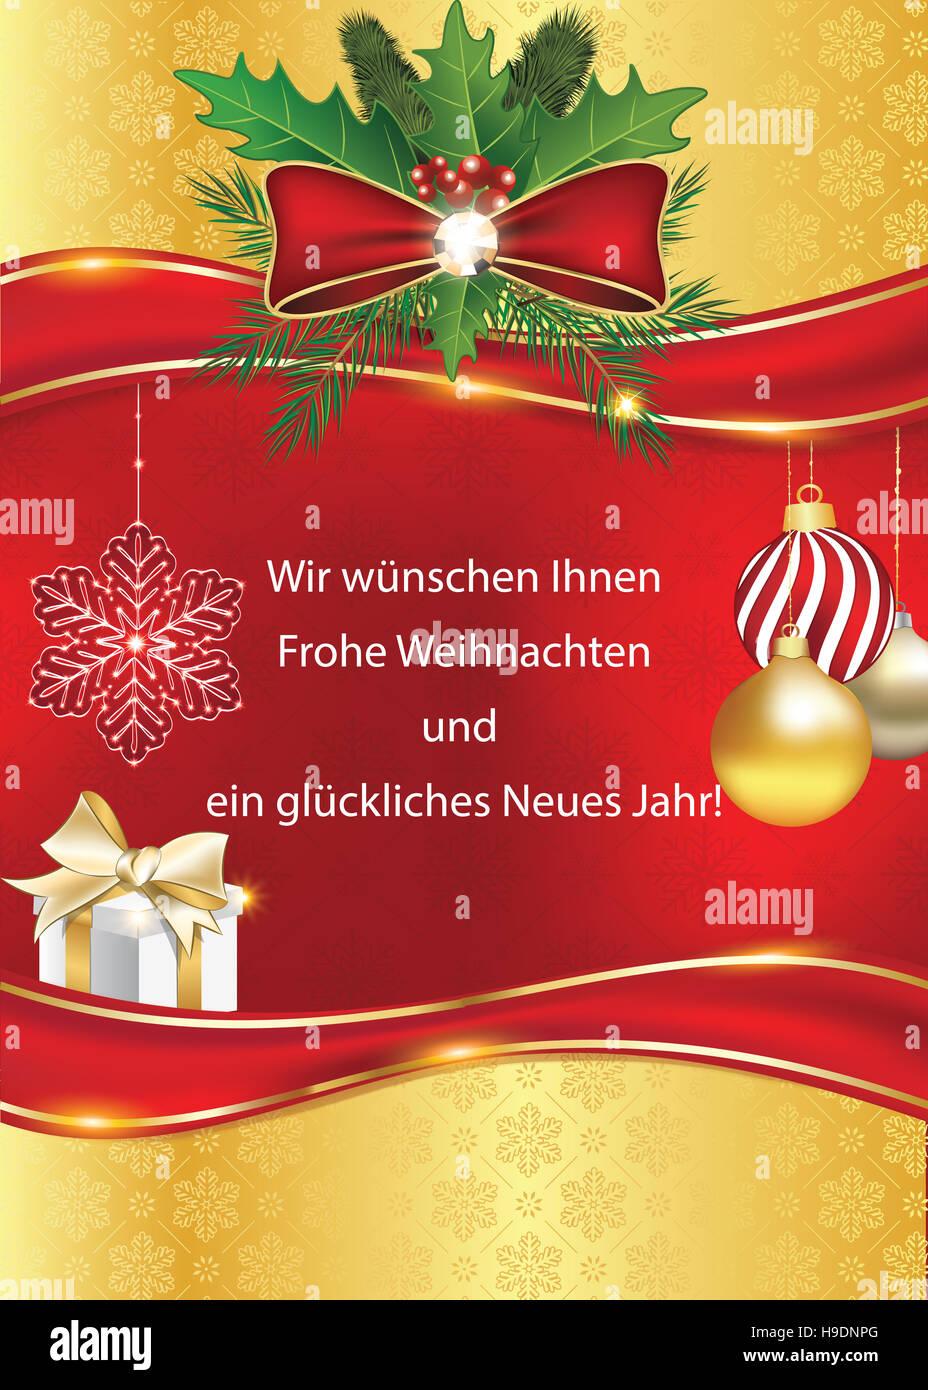 Geschäftliche Weihnachtsgrüße. Wir Wünschen Ihnen Frohe ...